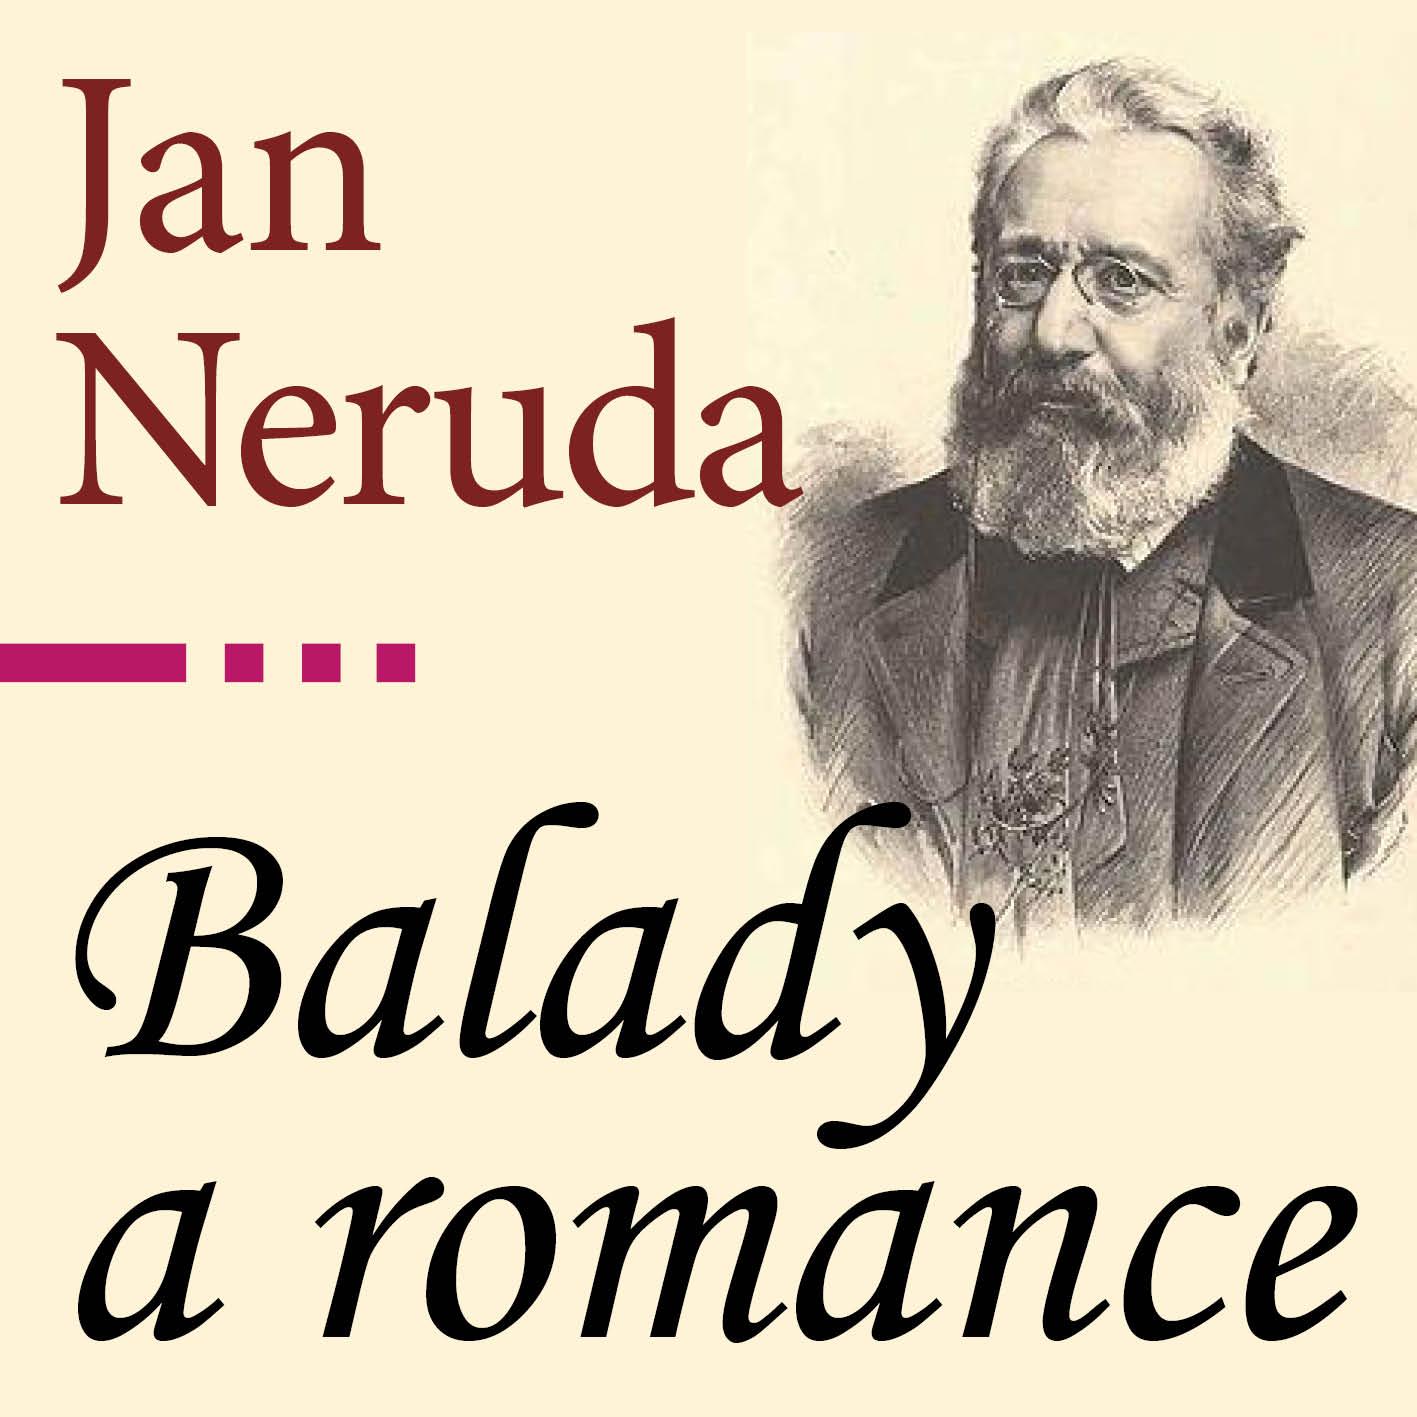 Neruda_Jan_Balady_a_romance_2018